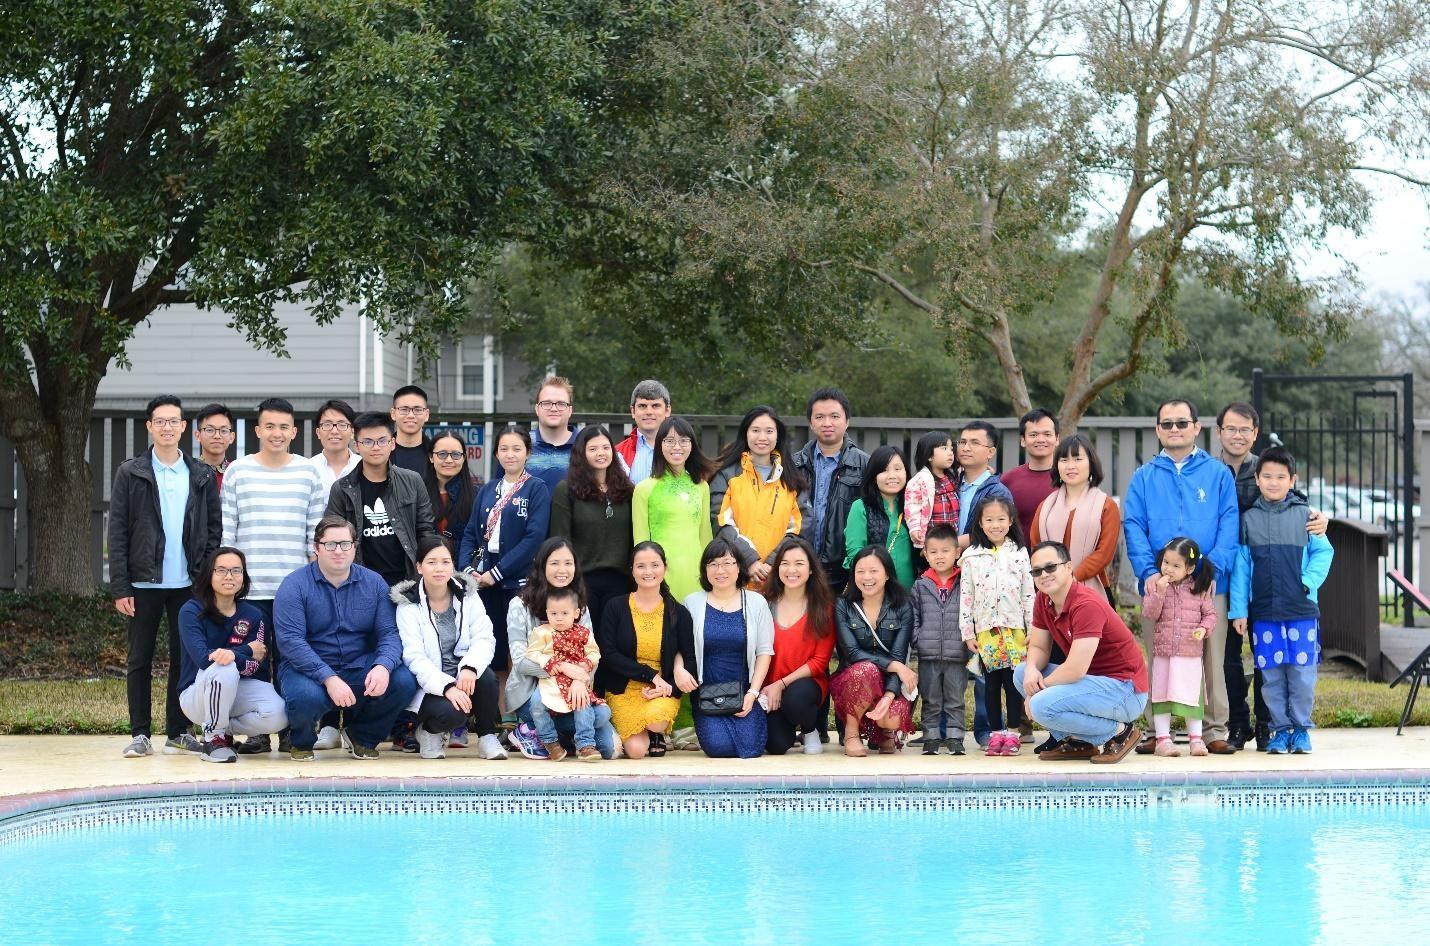 Đón tết Kỷ Hợi cùng du học sinh Việt Nam tại Đaị học Texas A&M